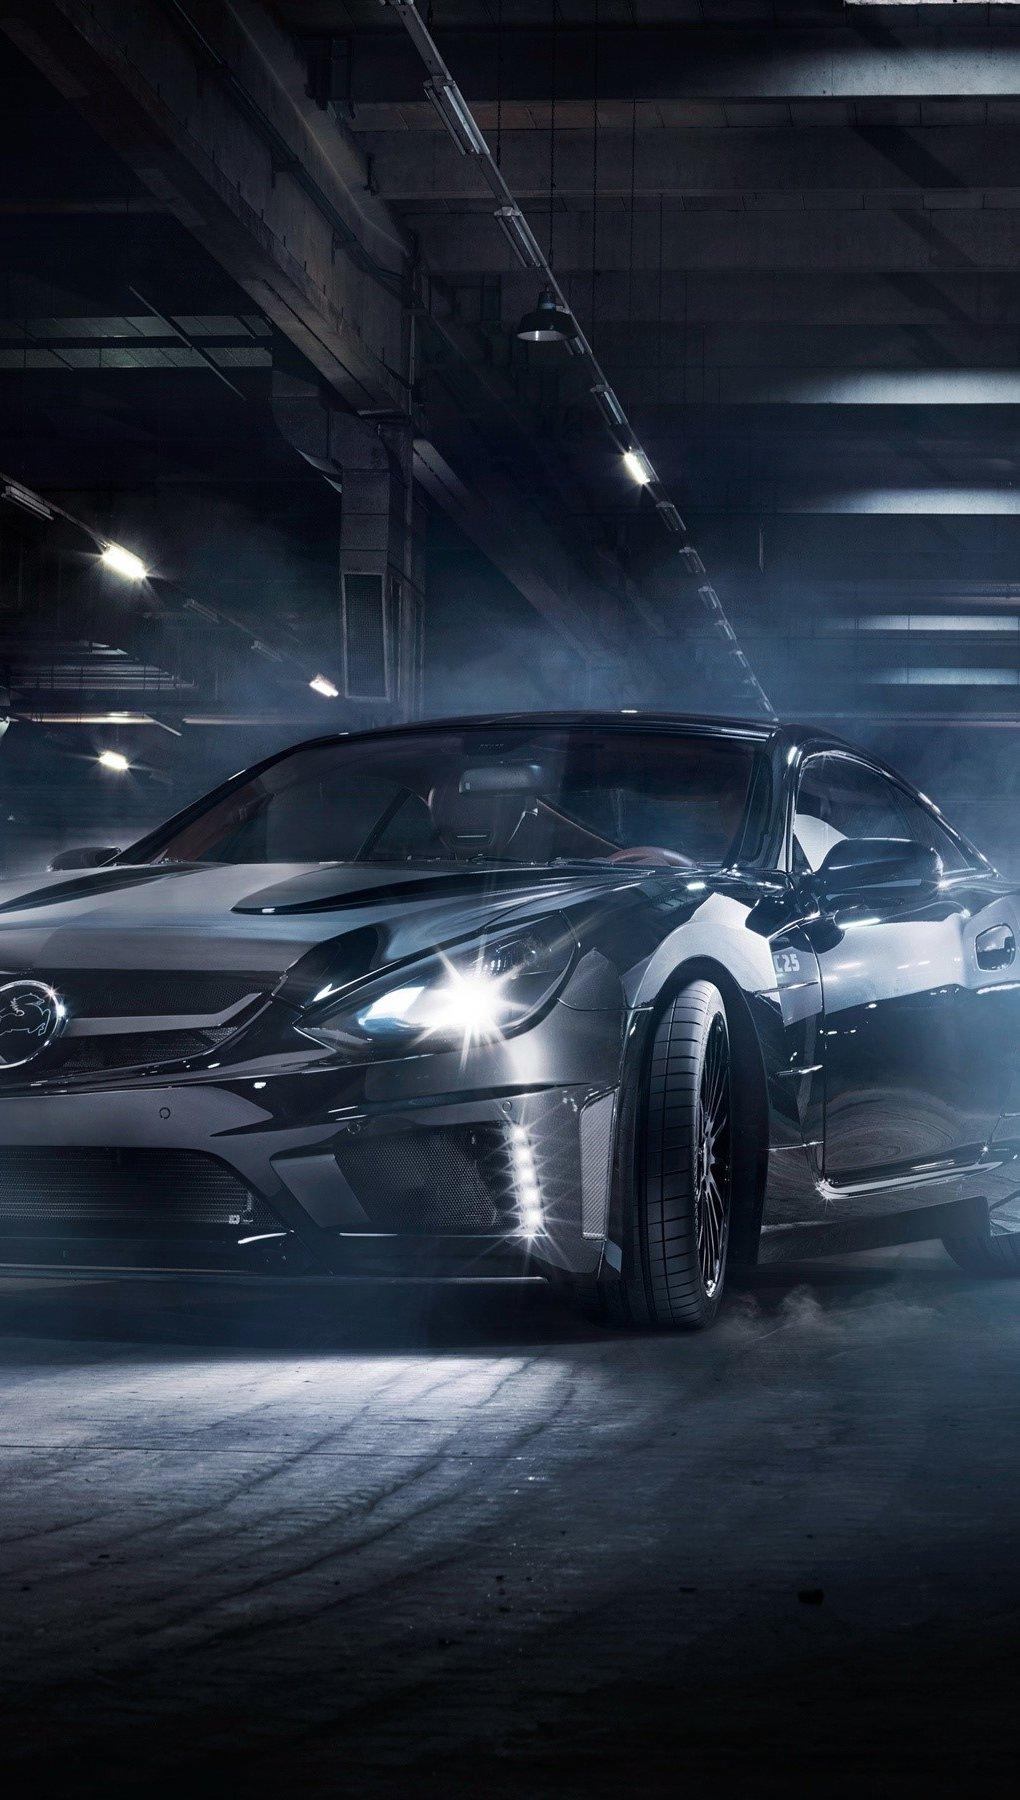 Fondos de pantalla Carlsson Mercedes Benz C25 Super GT Vertical